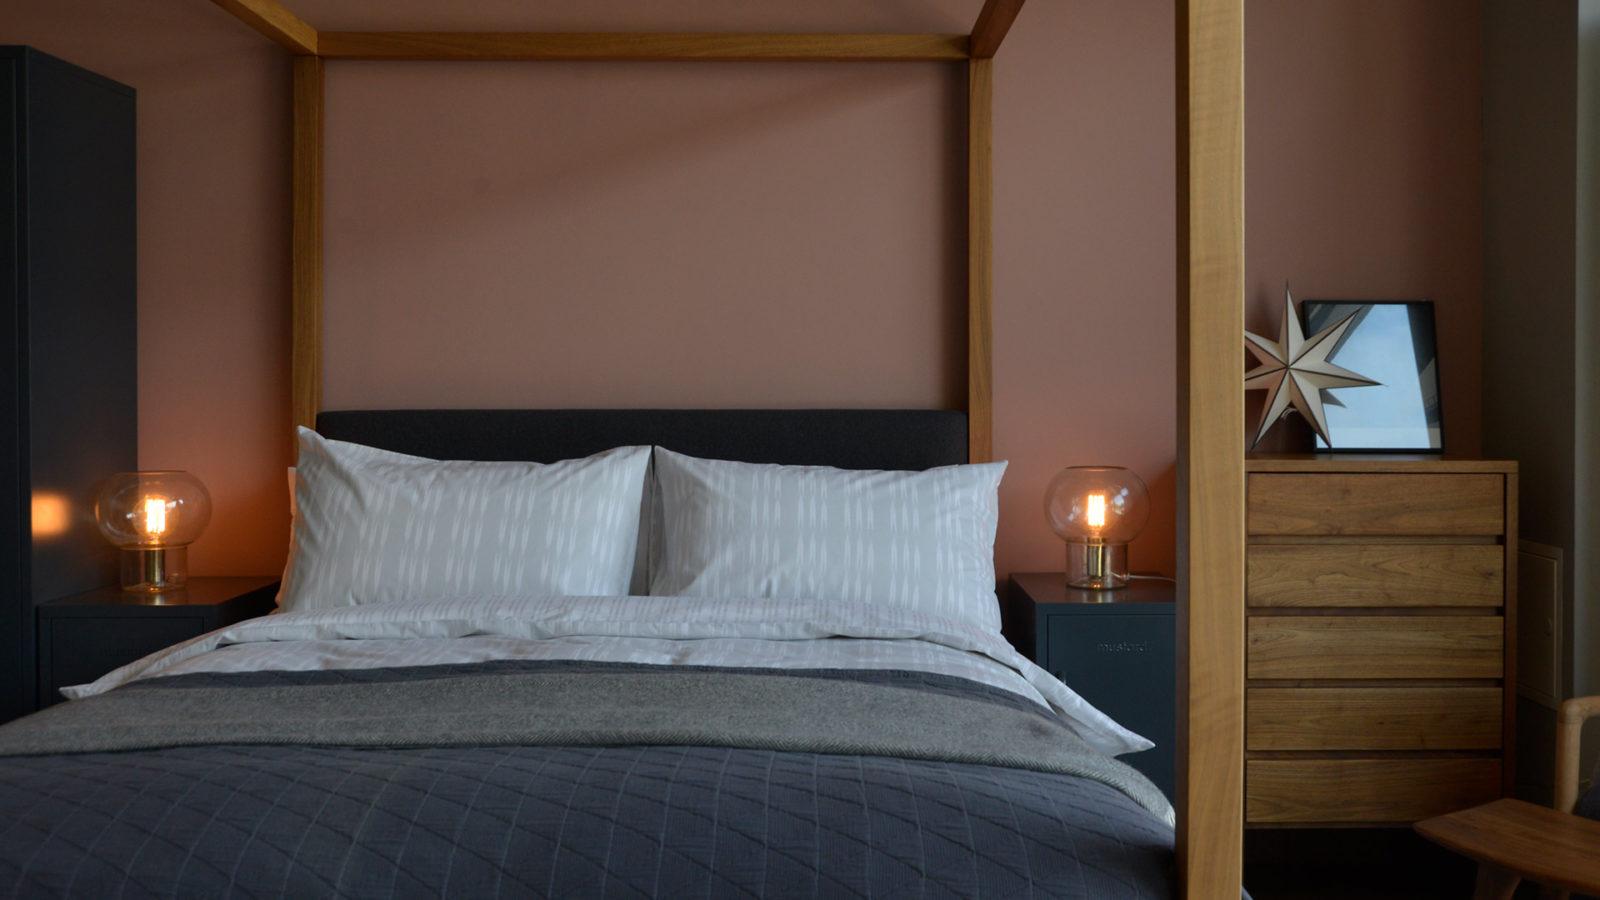 Ikat stripe printed duvet set on our solid wood Highland 4 poster bed